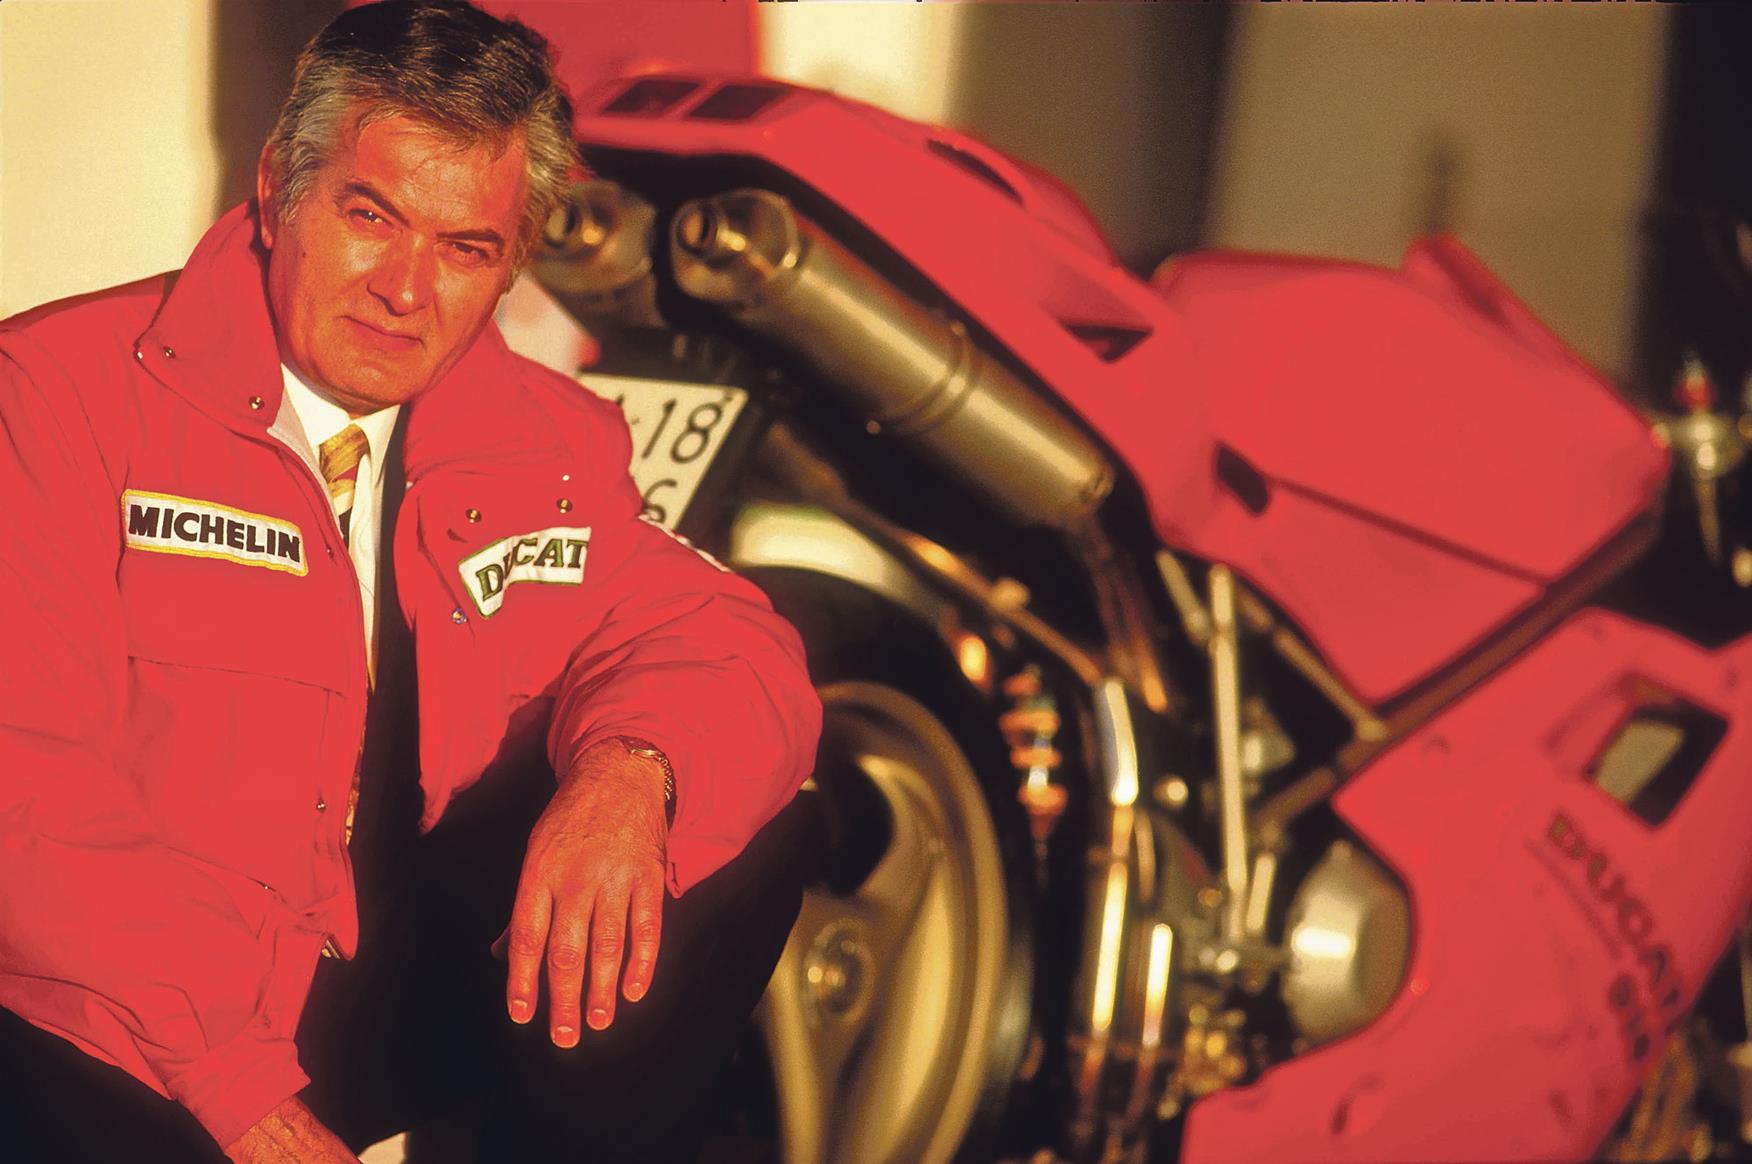 Birth of the Ducati 916